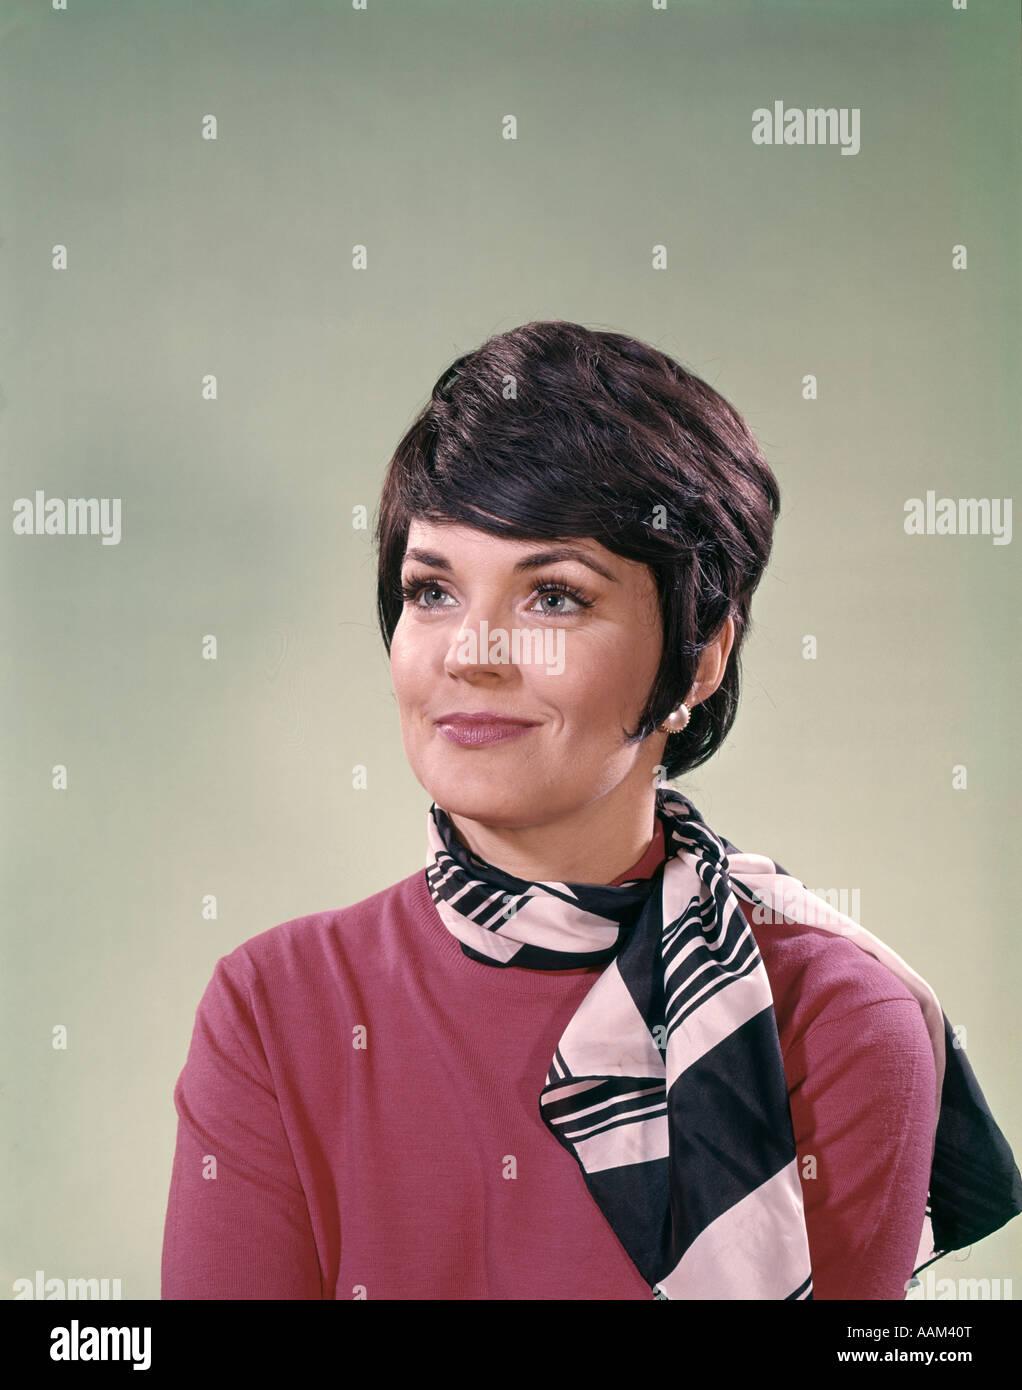 1960er Jahre Porträt Des Business Frau Braune Kurze Haare